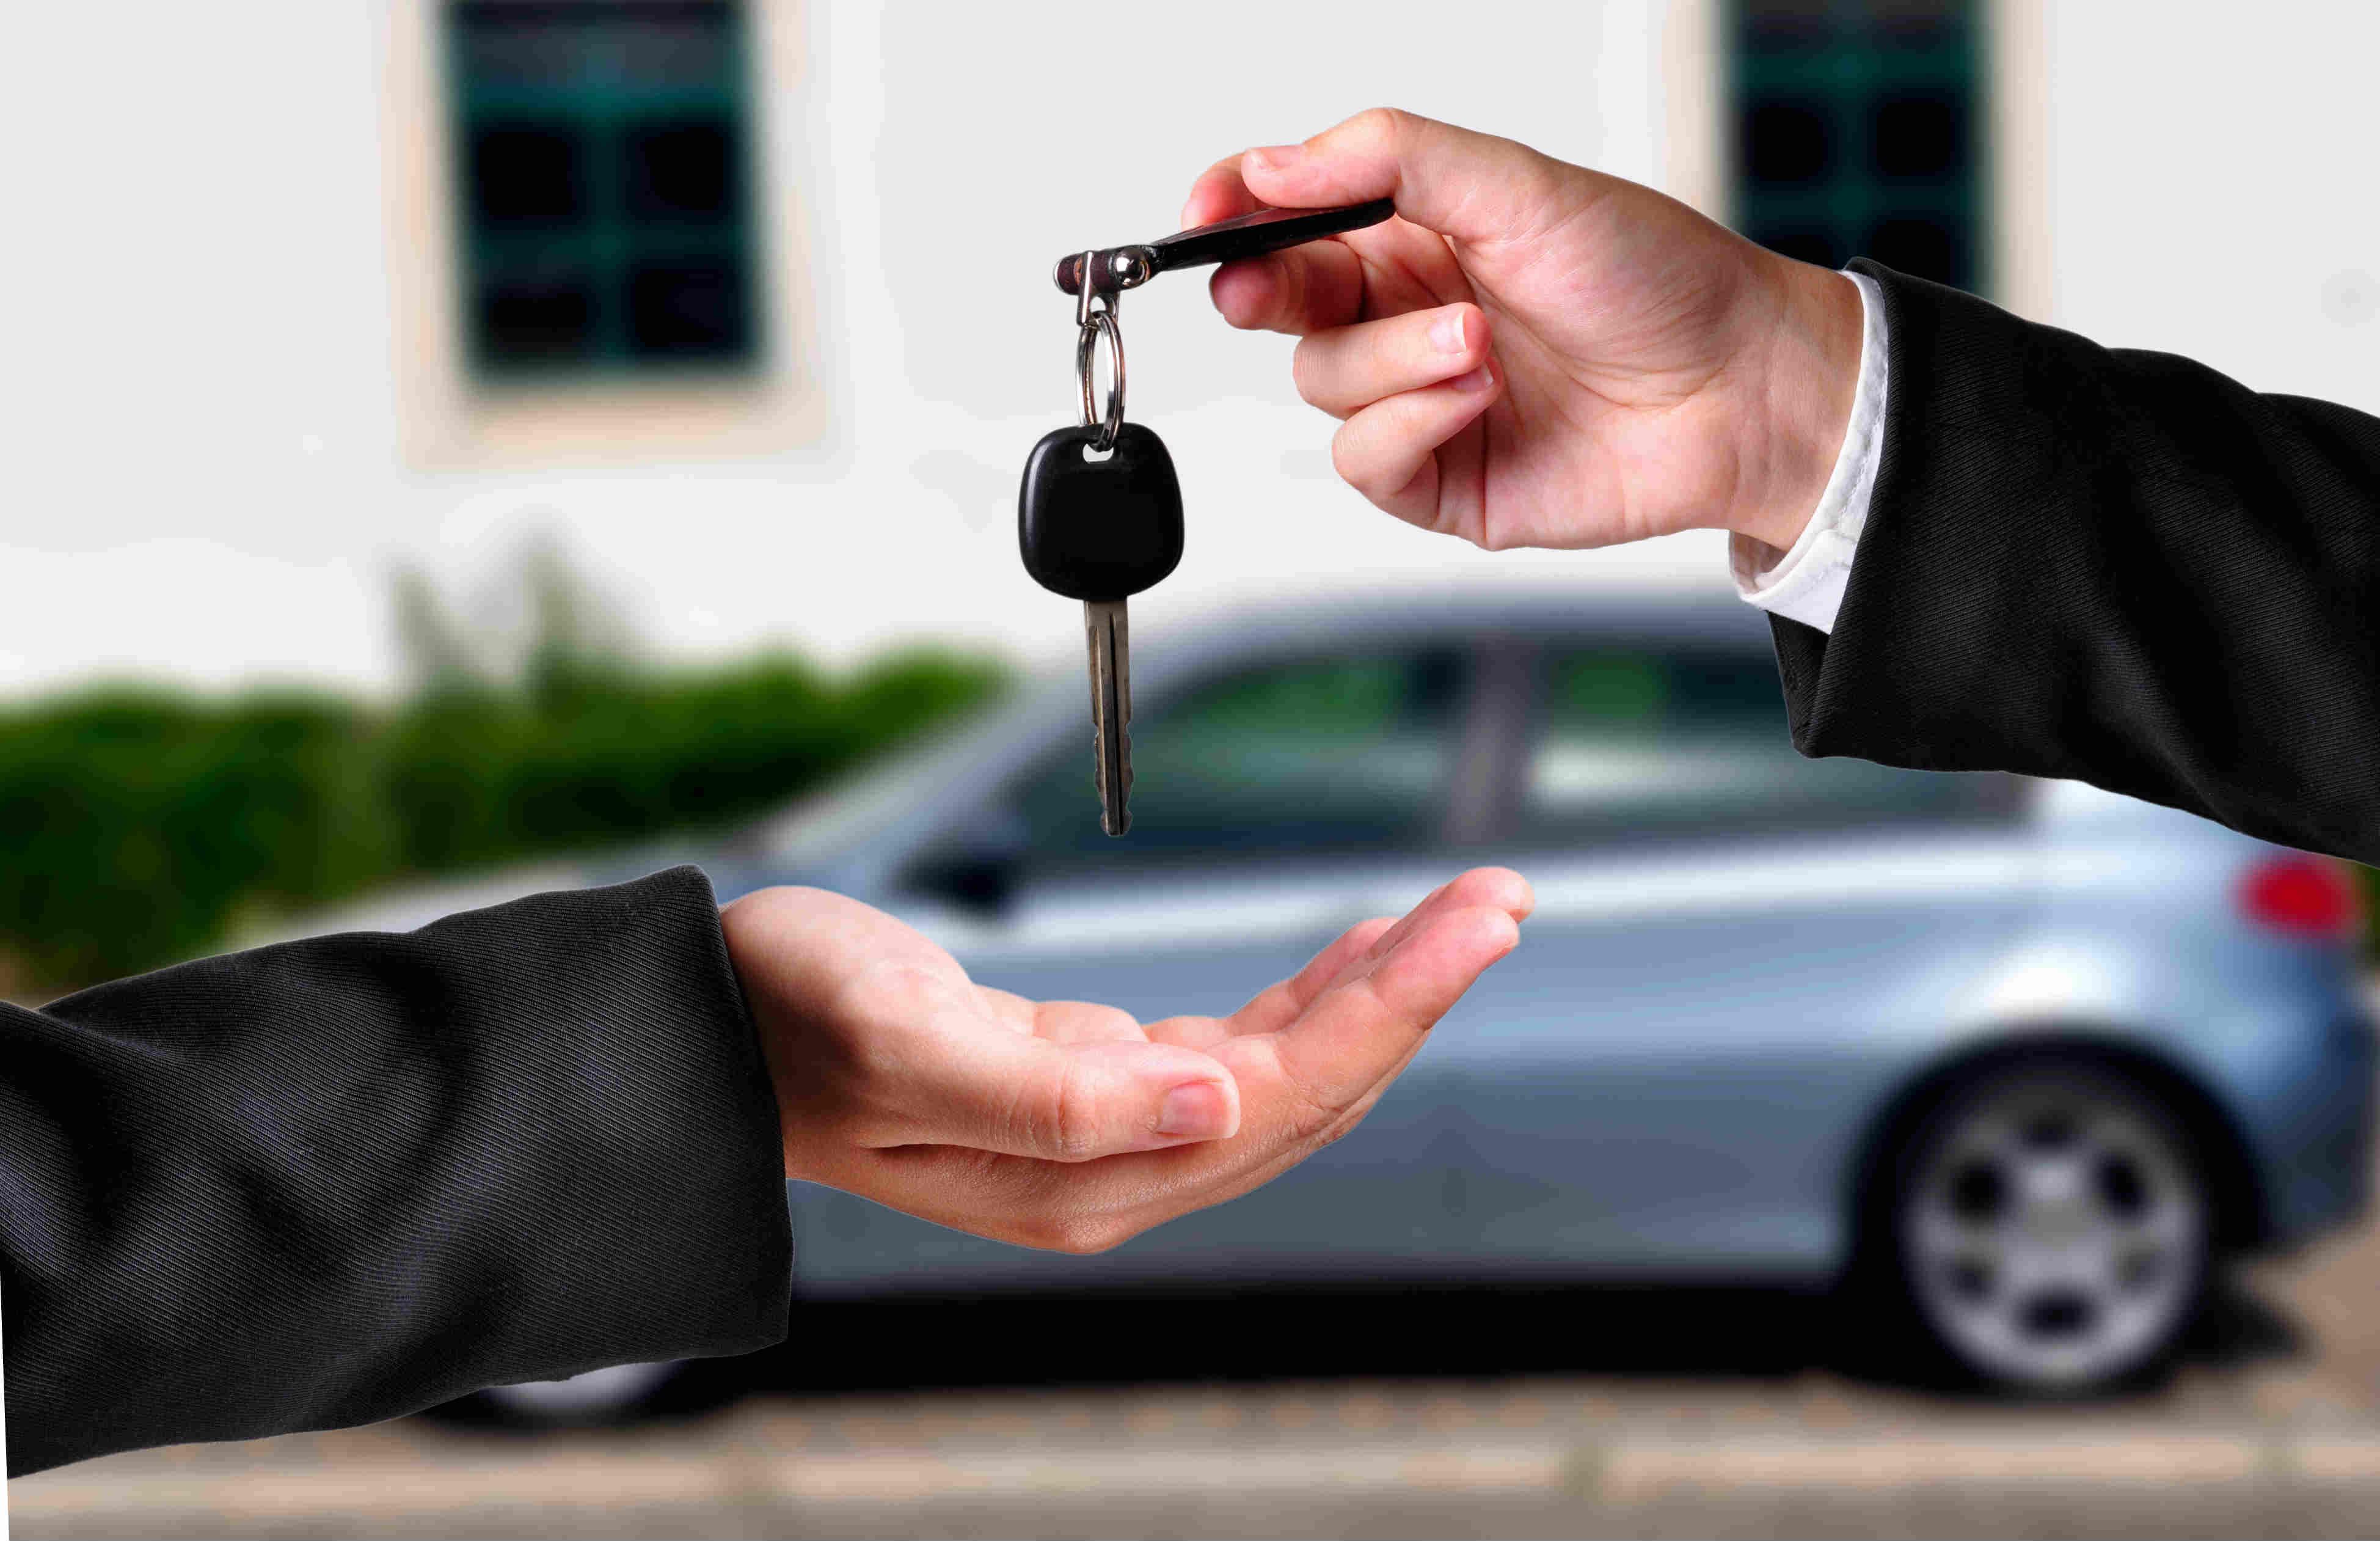 продажа автомобилей без документов фото #9